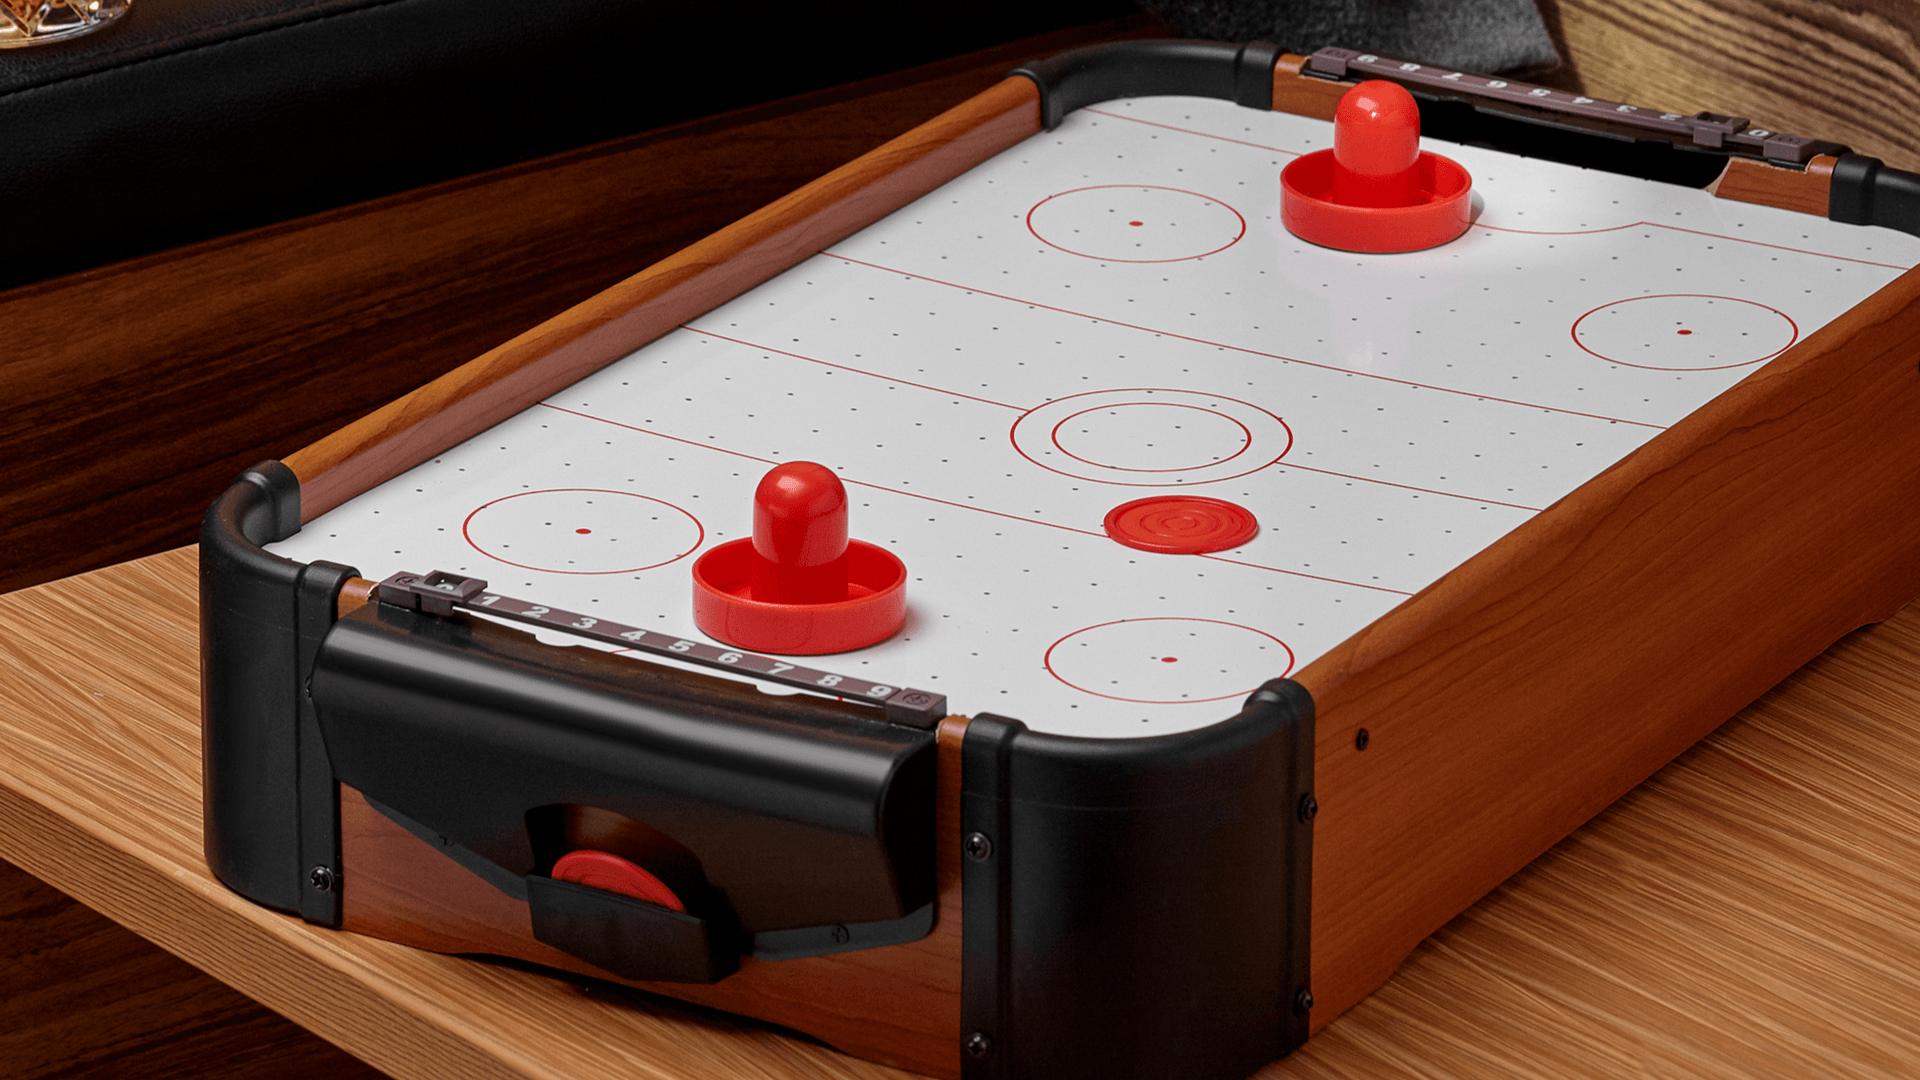 Best Portable Air Hockey Table